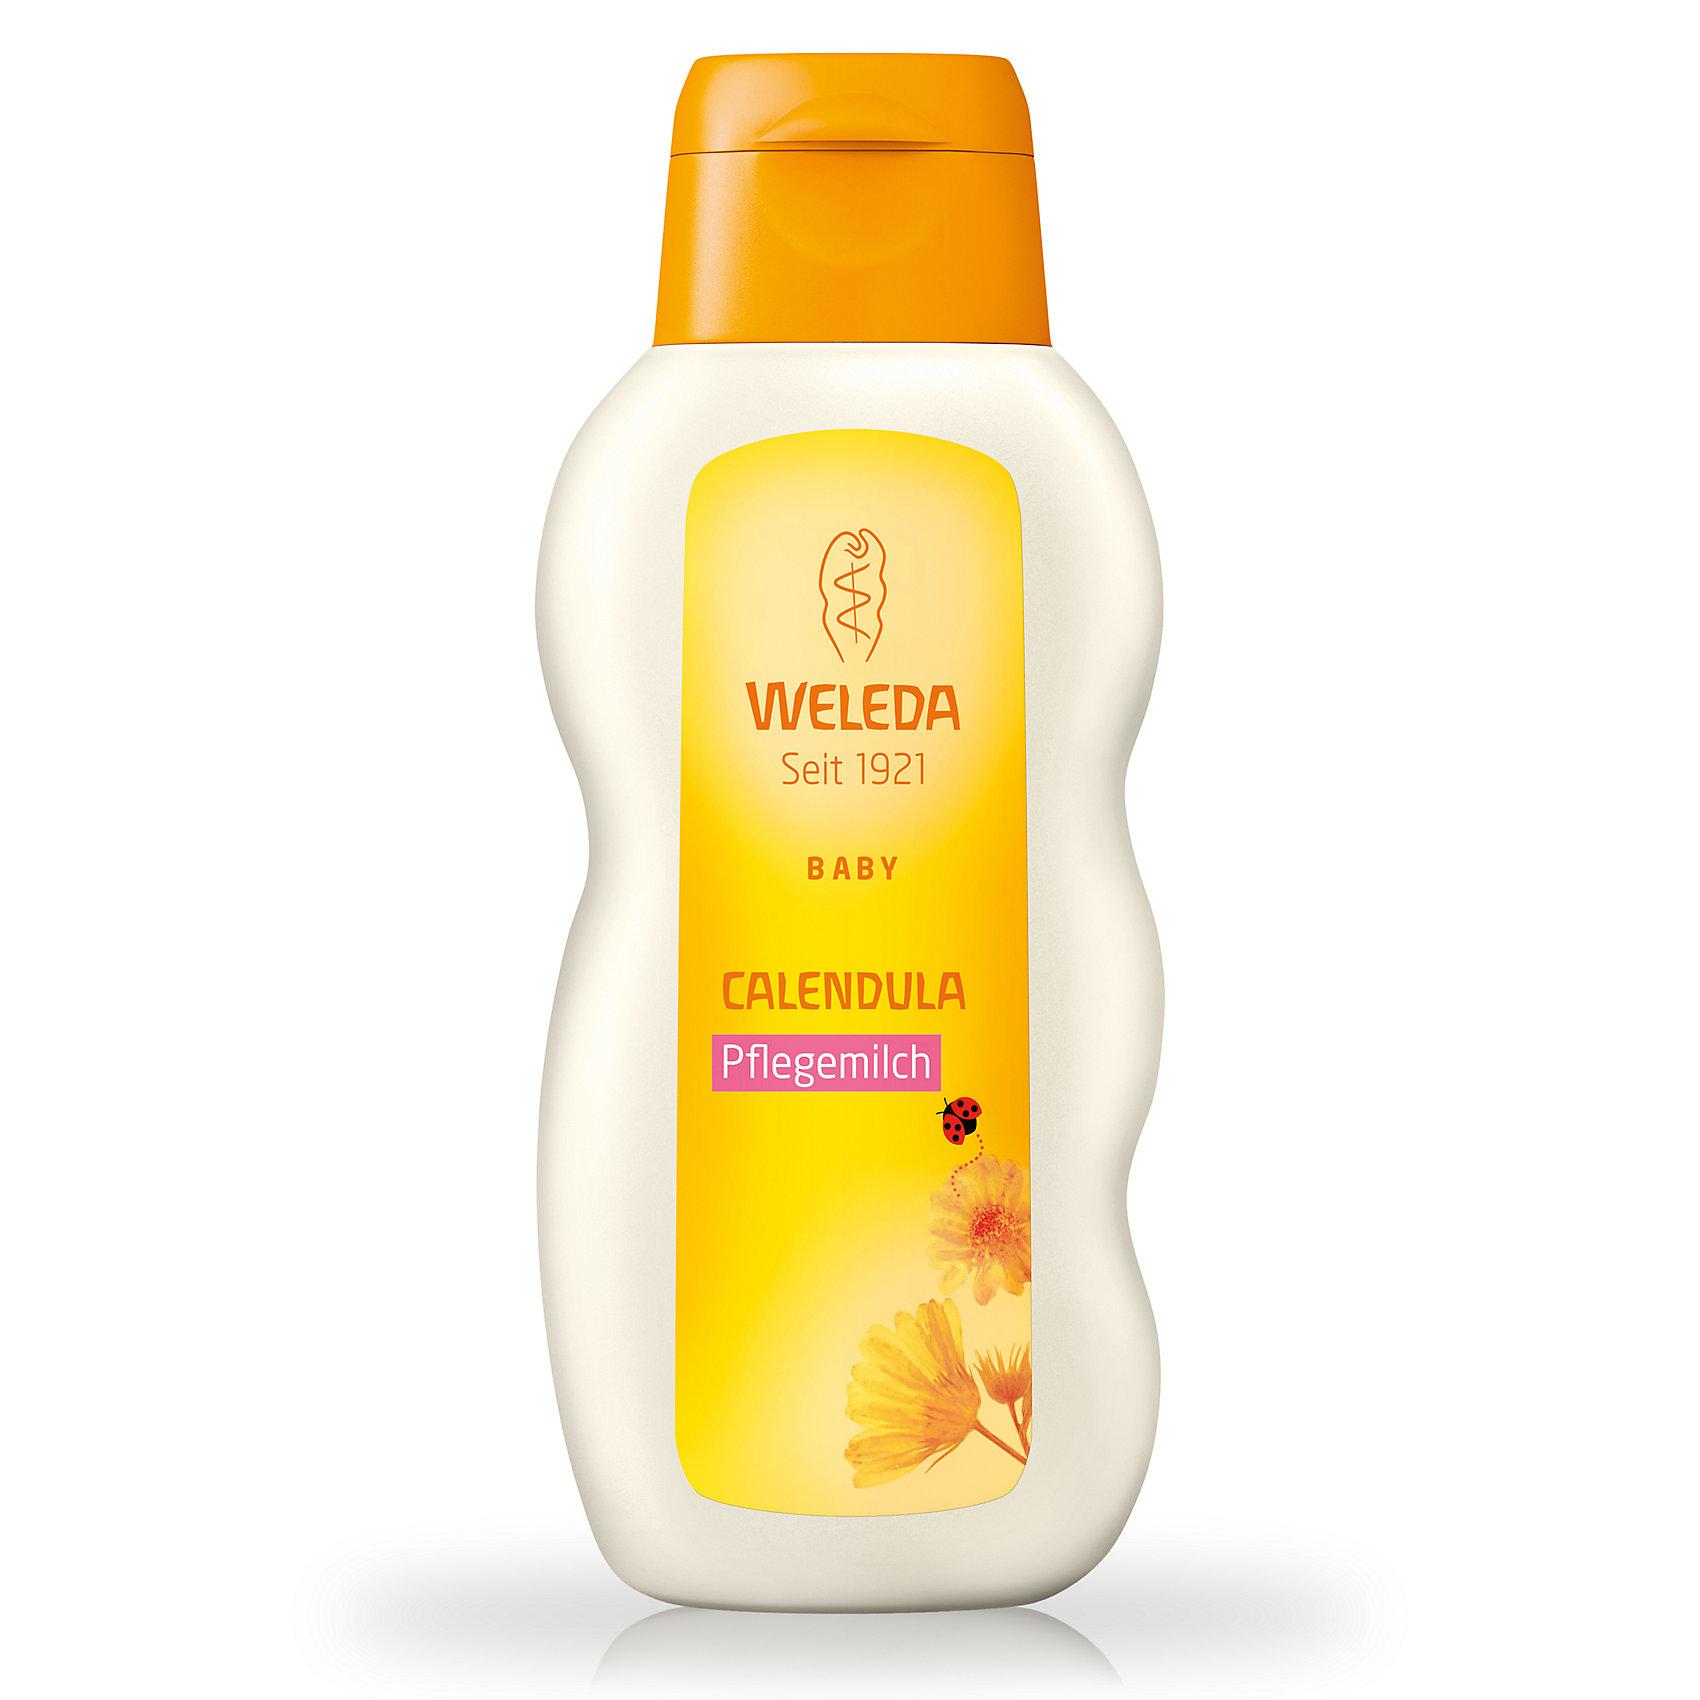 Молочко для тела с календулой для младенцев, 200 мл., WeledaМолочко для тела<br>Молочко для тела с календулой для младенцев, 200 мл., Weleda<br><br>Характеристики:<br><br>• Объем: 200 мл<br>• Содержит: календула, пчелиный воск<br>• Производитель: Weleda<br><br>Насыщенное молочко, содержит только тщательно подобранные и безопасные натуральные ингредиенты. Освежает, увлажняет, охлаждает и успокаивает чувствительную кожу ребенка. Эффективность подтверждена дерматологическими тестами. Содержит в составе пчелиный воск, что позволяет эффективно смягчать кожу и давать ей защиту. <br><br>Молочко для тела с календулой для младенцев, 200 мл., Weleda можно купить в нашем интернет-магазине.<br><br>Ширина мм: 171<br>Глубина мм: 73<br>Высота мм: 39<br>Вес г: 225<br>Возраст от месяцев: 0<br>Возраст до месяцев: 72<br>Пол: Унисекс<br>Возраст: Детский<br>SKU: 3756309